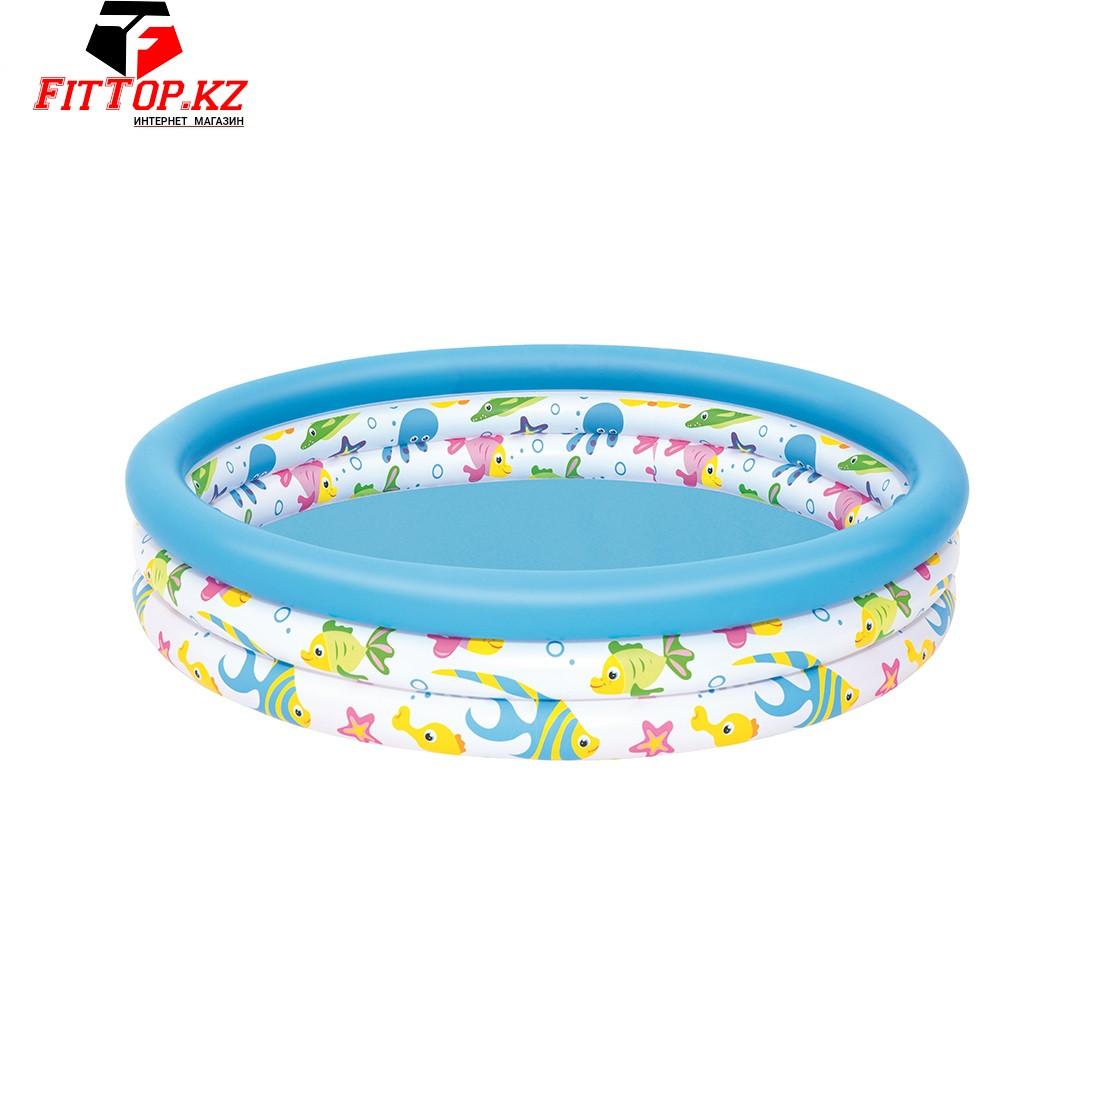 Детский надувной бассейн Coral Kids 122 х 25 см, BESTWAY, 51009, Винил, 140л., 2+